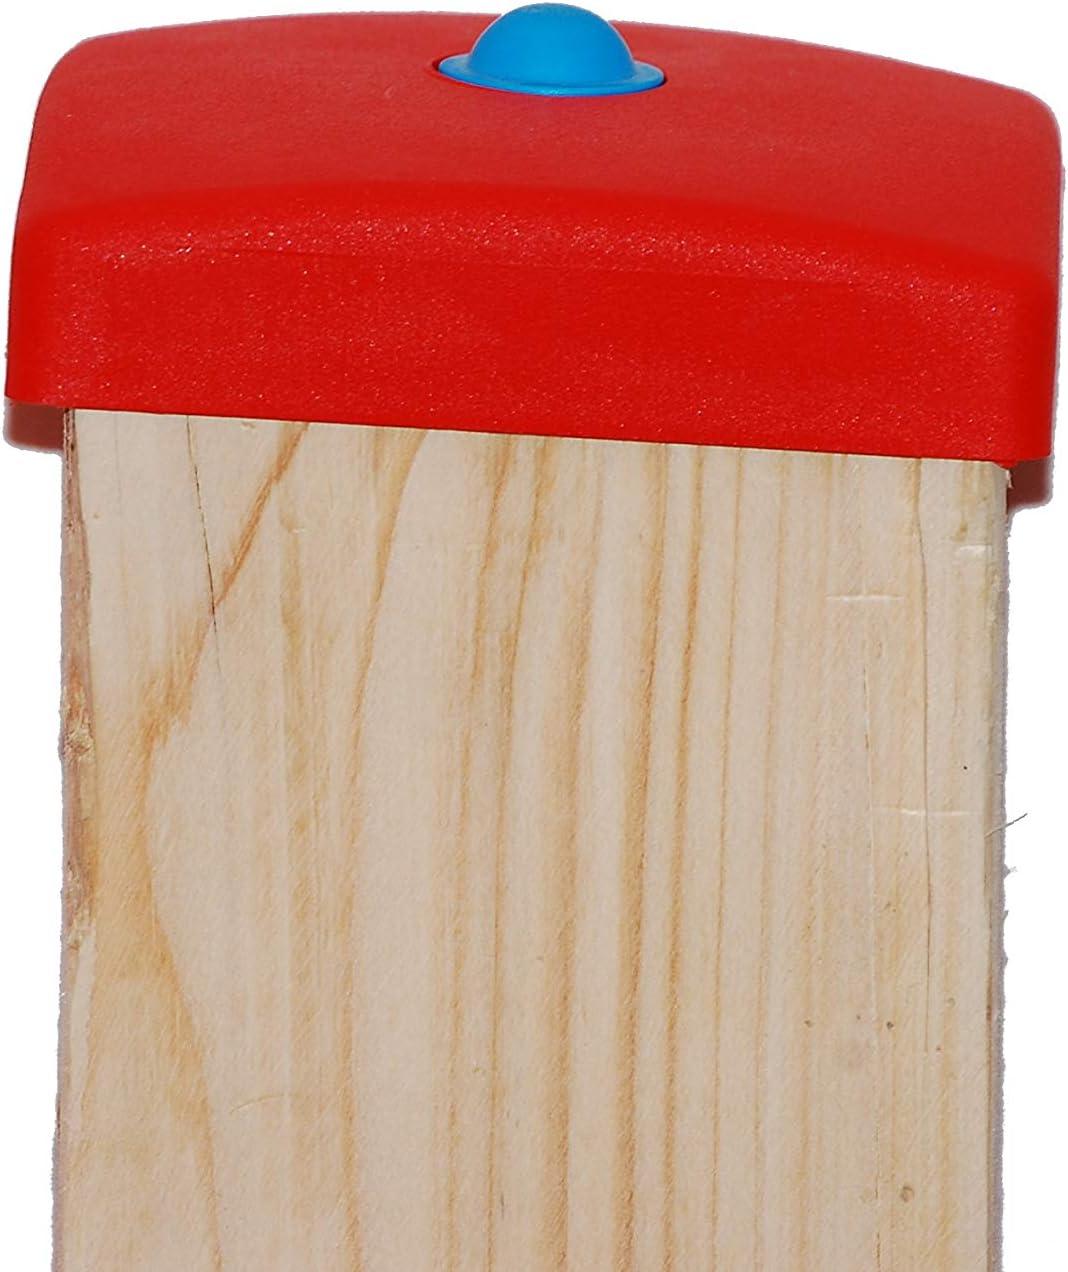 OTITU Just Fun Copripalo di plastica per palo Quadrata 90x90 mm Giallo